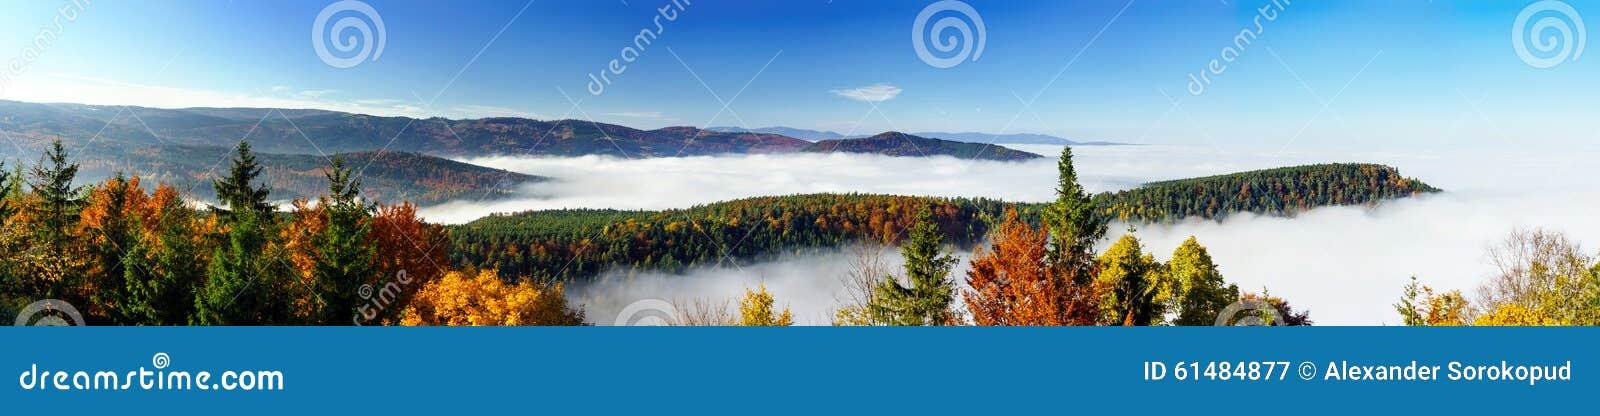 雾运动海洋在照相机下的 在阿尔萨斯的伟大的阴云密布 从山的上面的全景